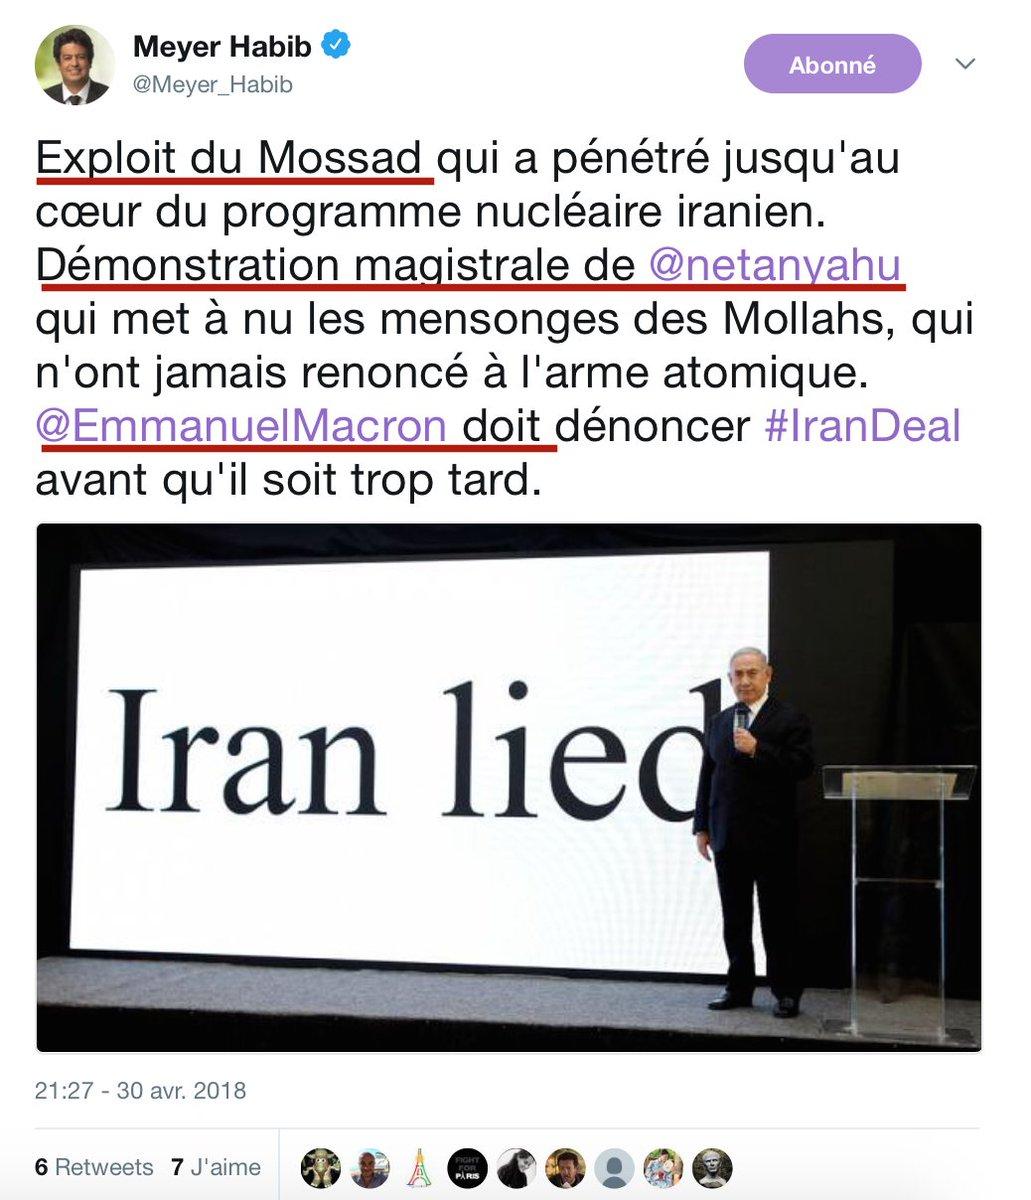 Coucou les contribuables : VOTRE député Meyer Habib célèbre le Mossad grâce à VOS impôts